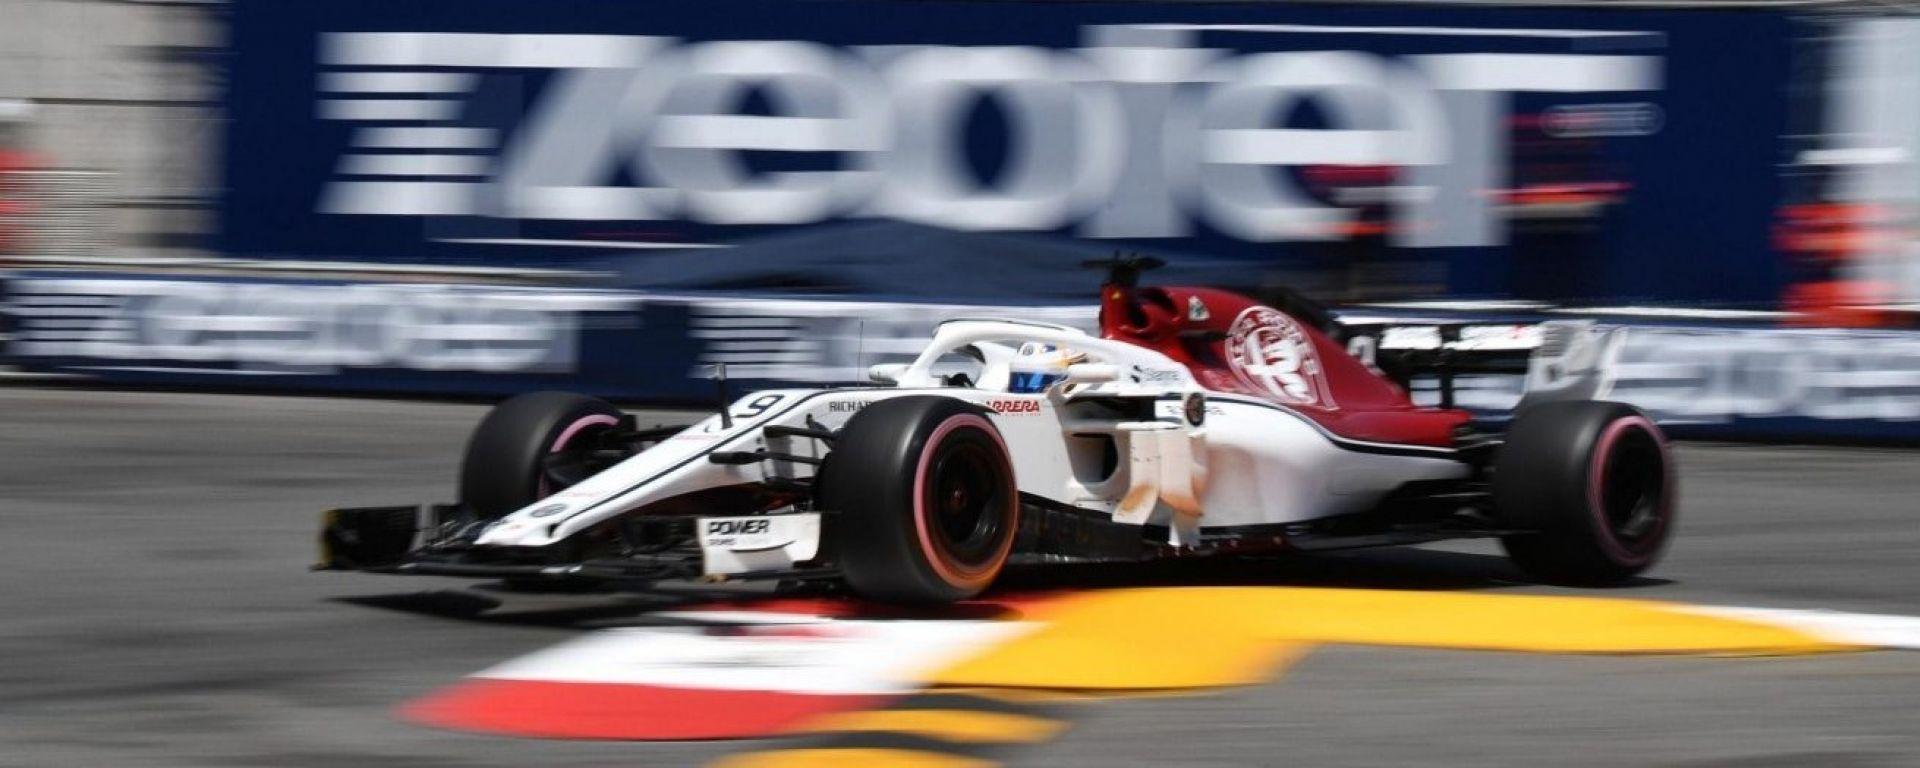 Passaggio di pedine dalla Ferrari all'Alfa Romeo Sauber: ecco Resta